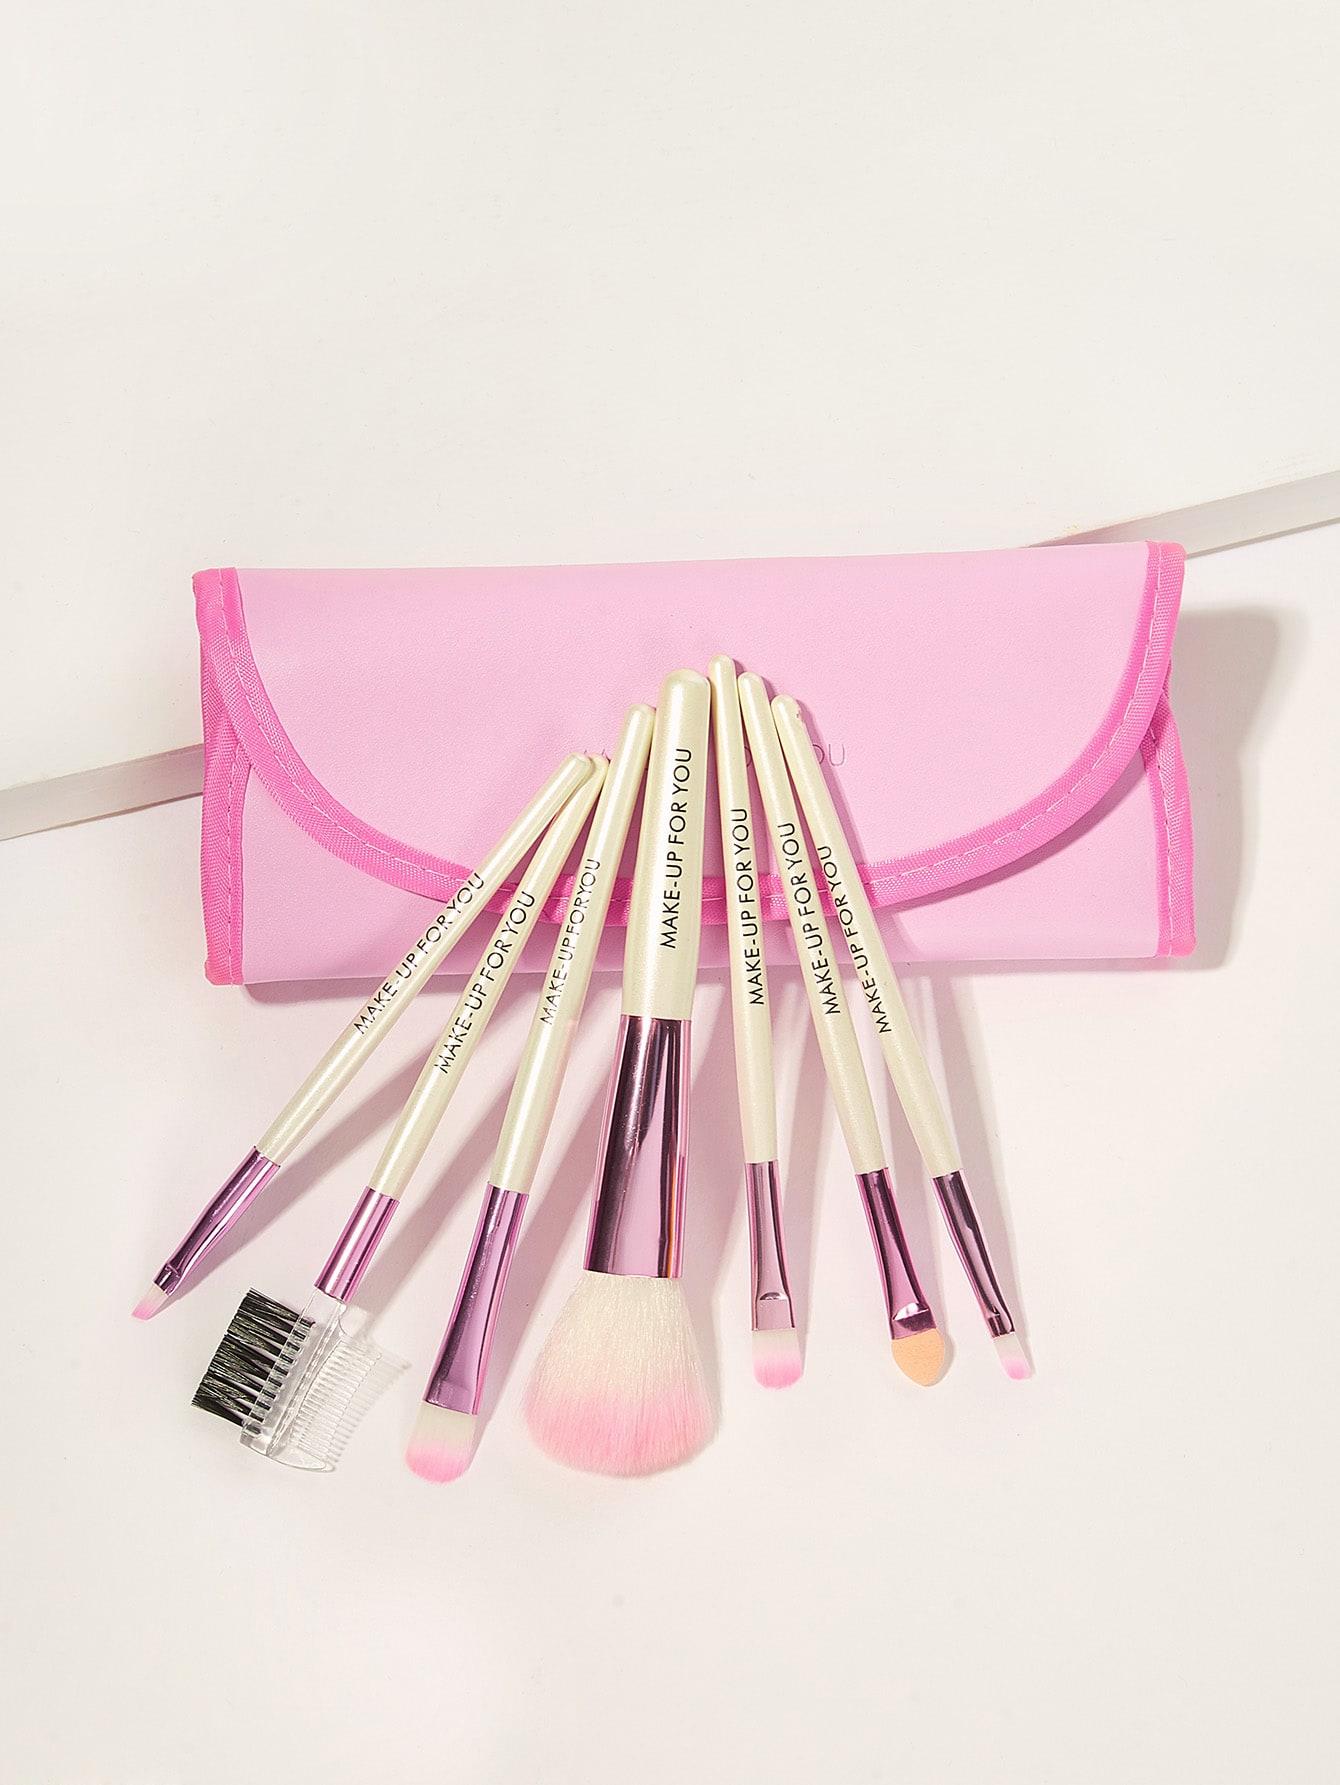 Купить Набор мягких кисточек для макияжа с мешочком 8 шт., null, SheIn